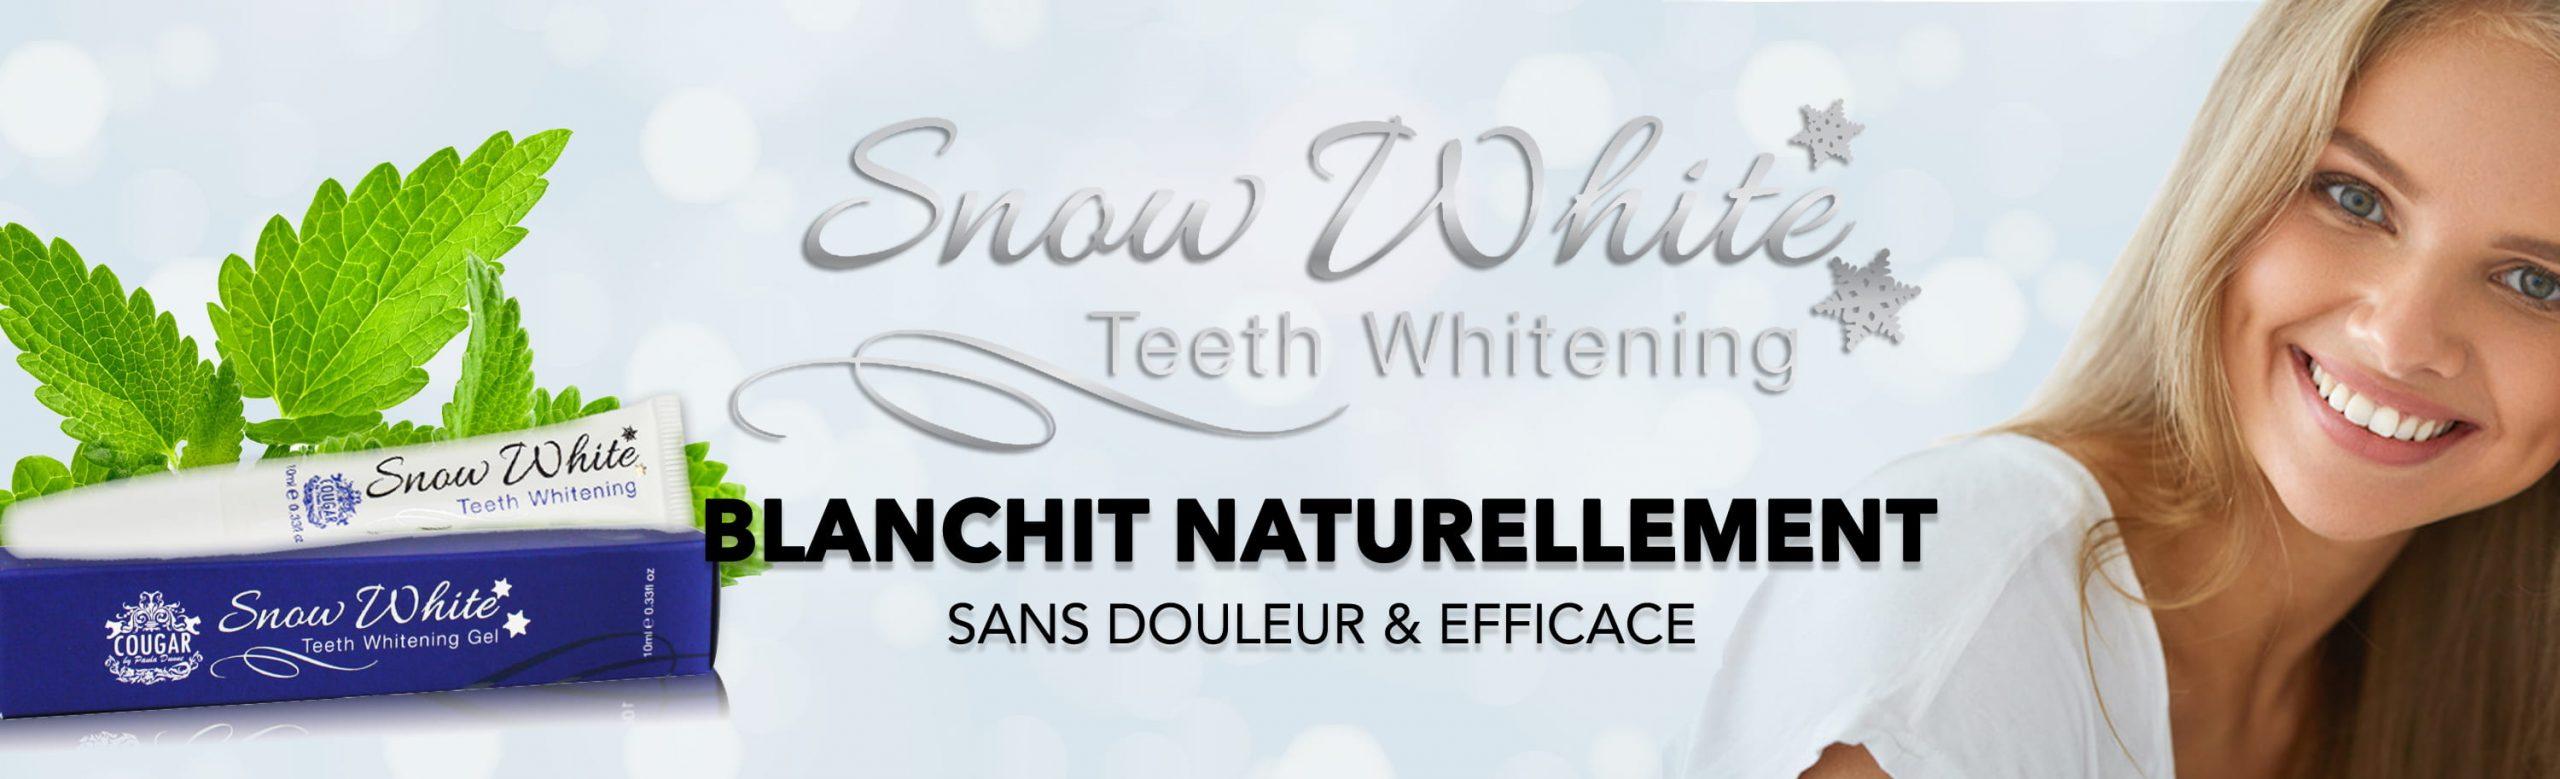 Kits de blanchiment des dents naturelles qui donnent des résultats exceptionnels.